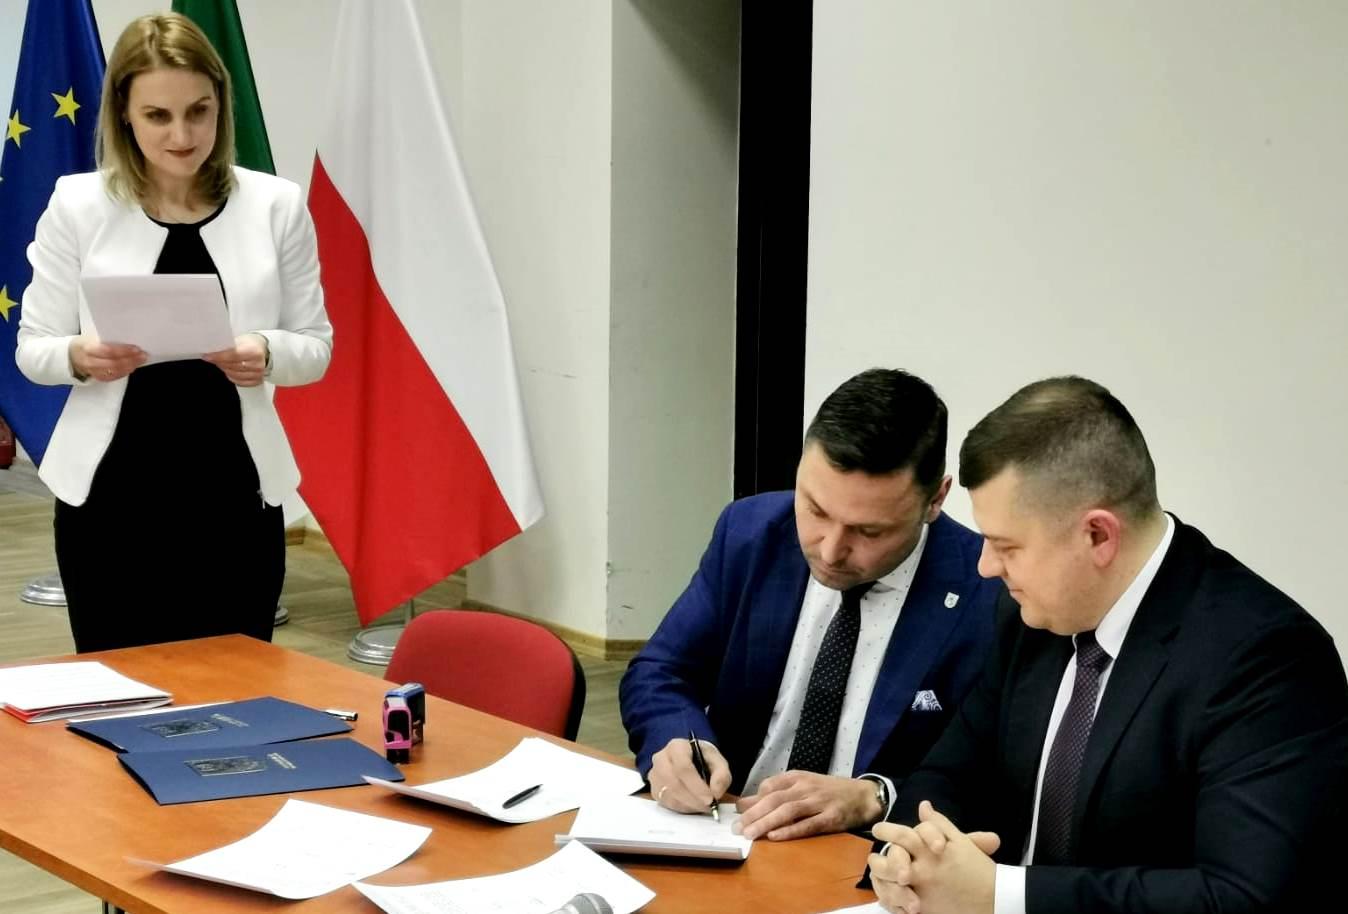 Burmistrz chce wpisania obwodnicy Słubic do strategii rozwoju województwa!